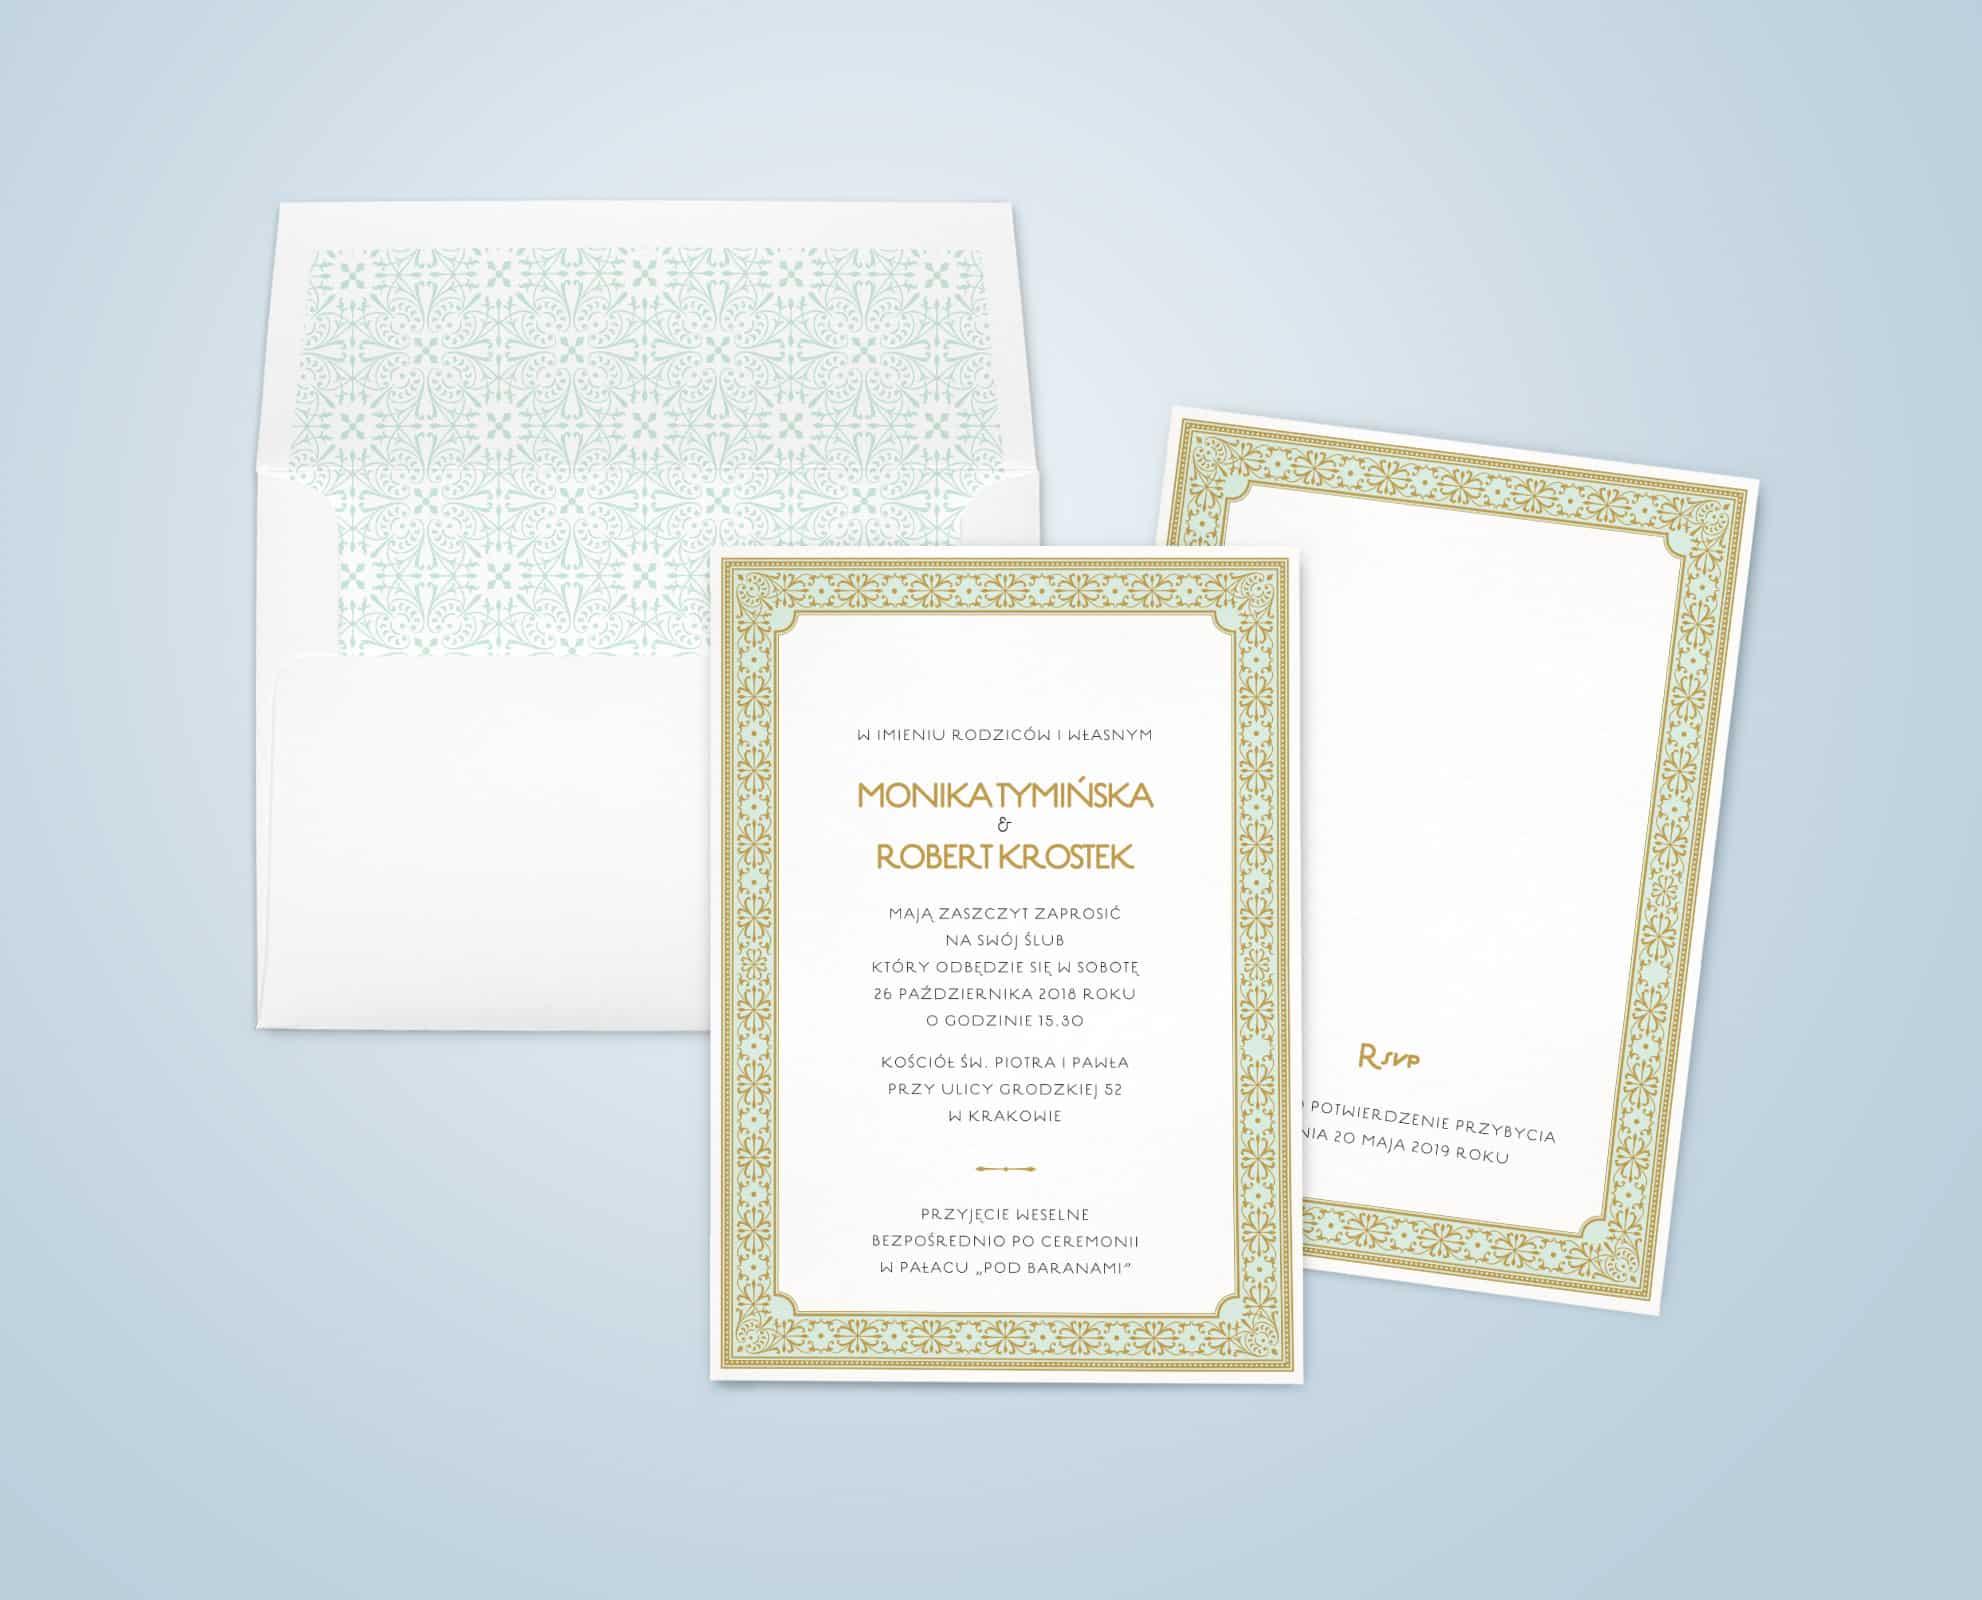 Zaproszenie w kolorze miętowo-złotym z elementami ornamentu